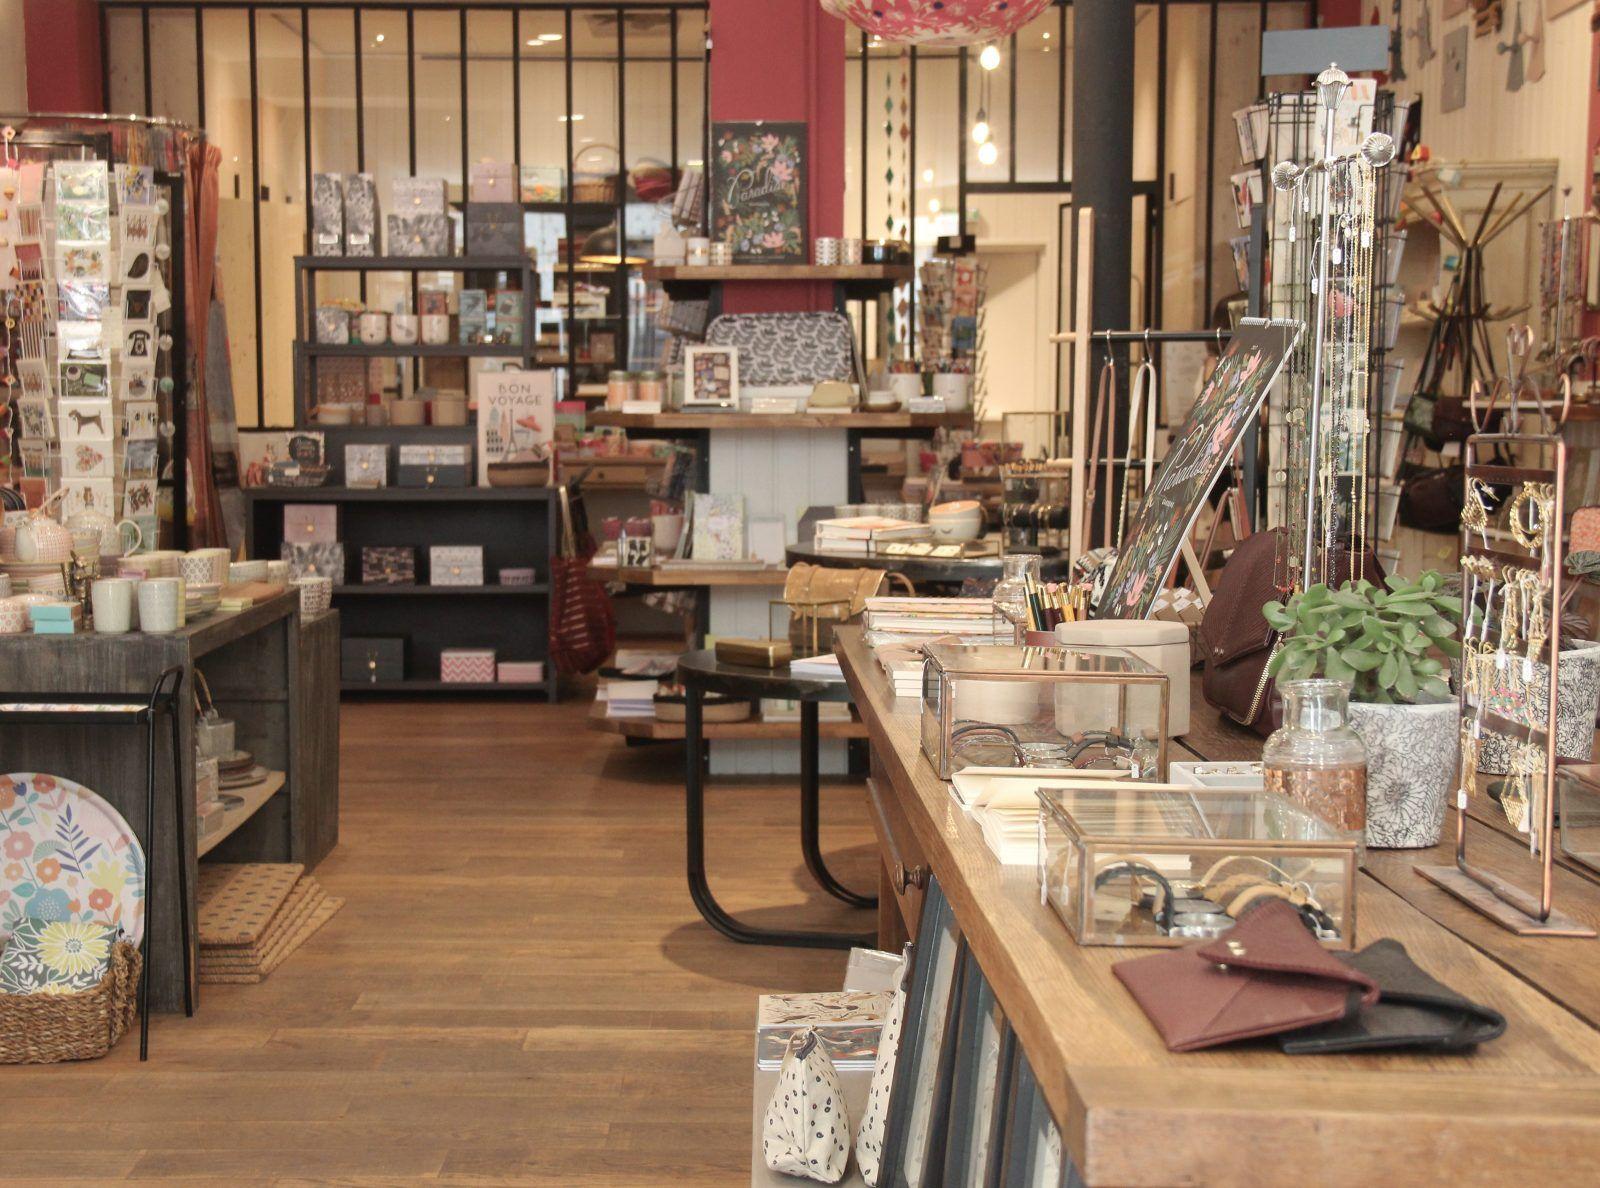 Mathuvu Boutique Concept Store Rue De La Charite Lyon Concept Store Agencement Magasin Stores